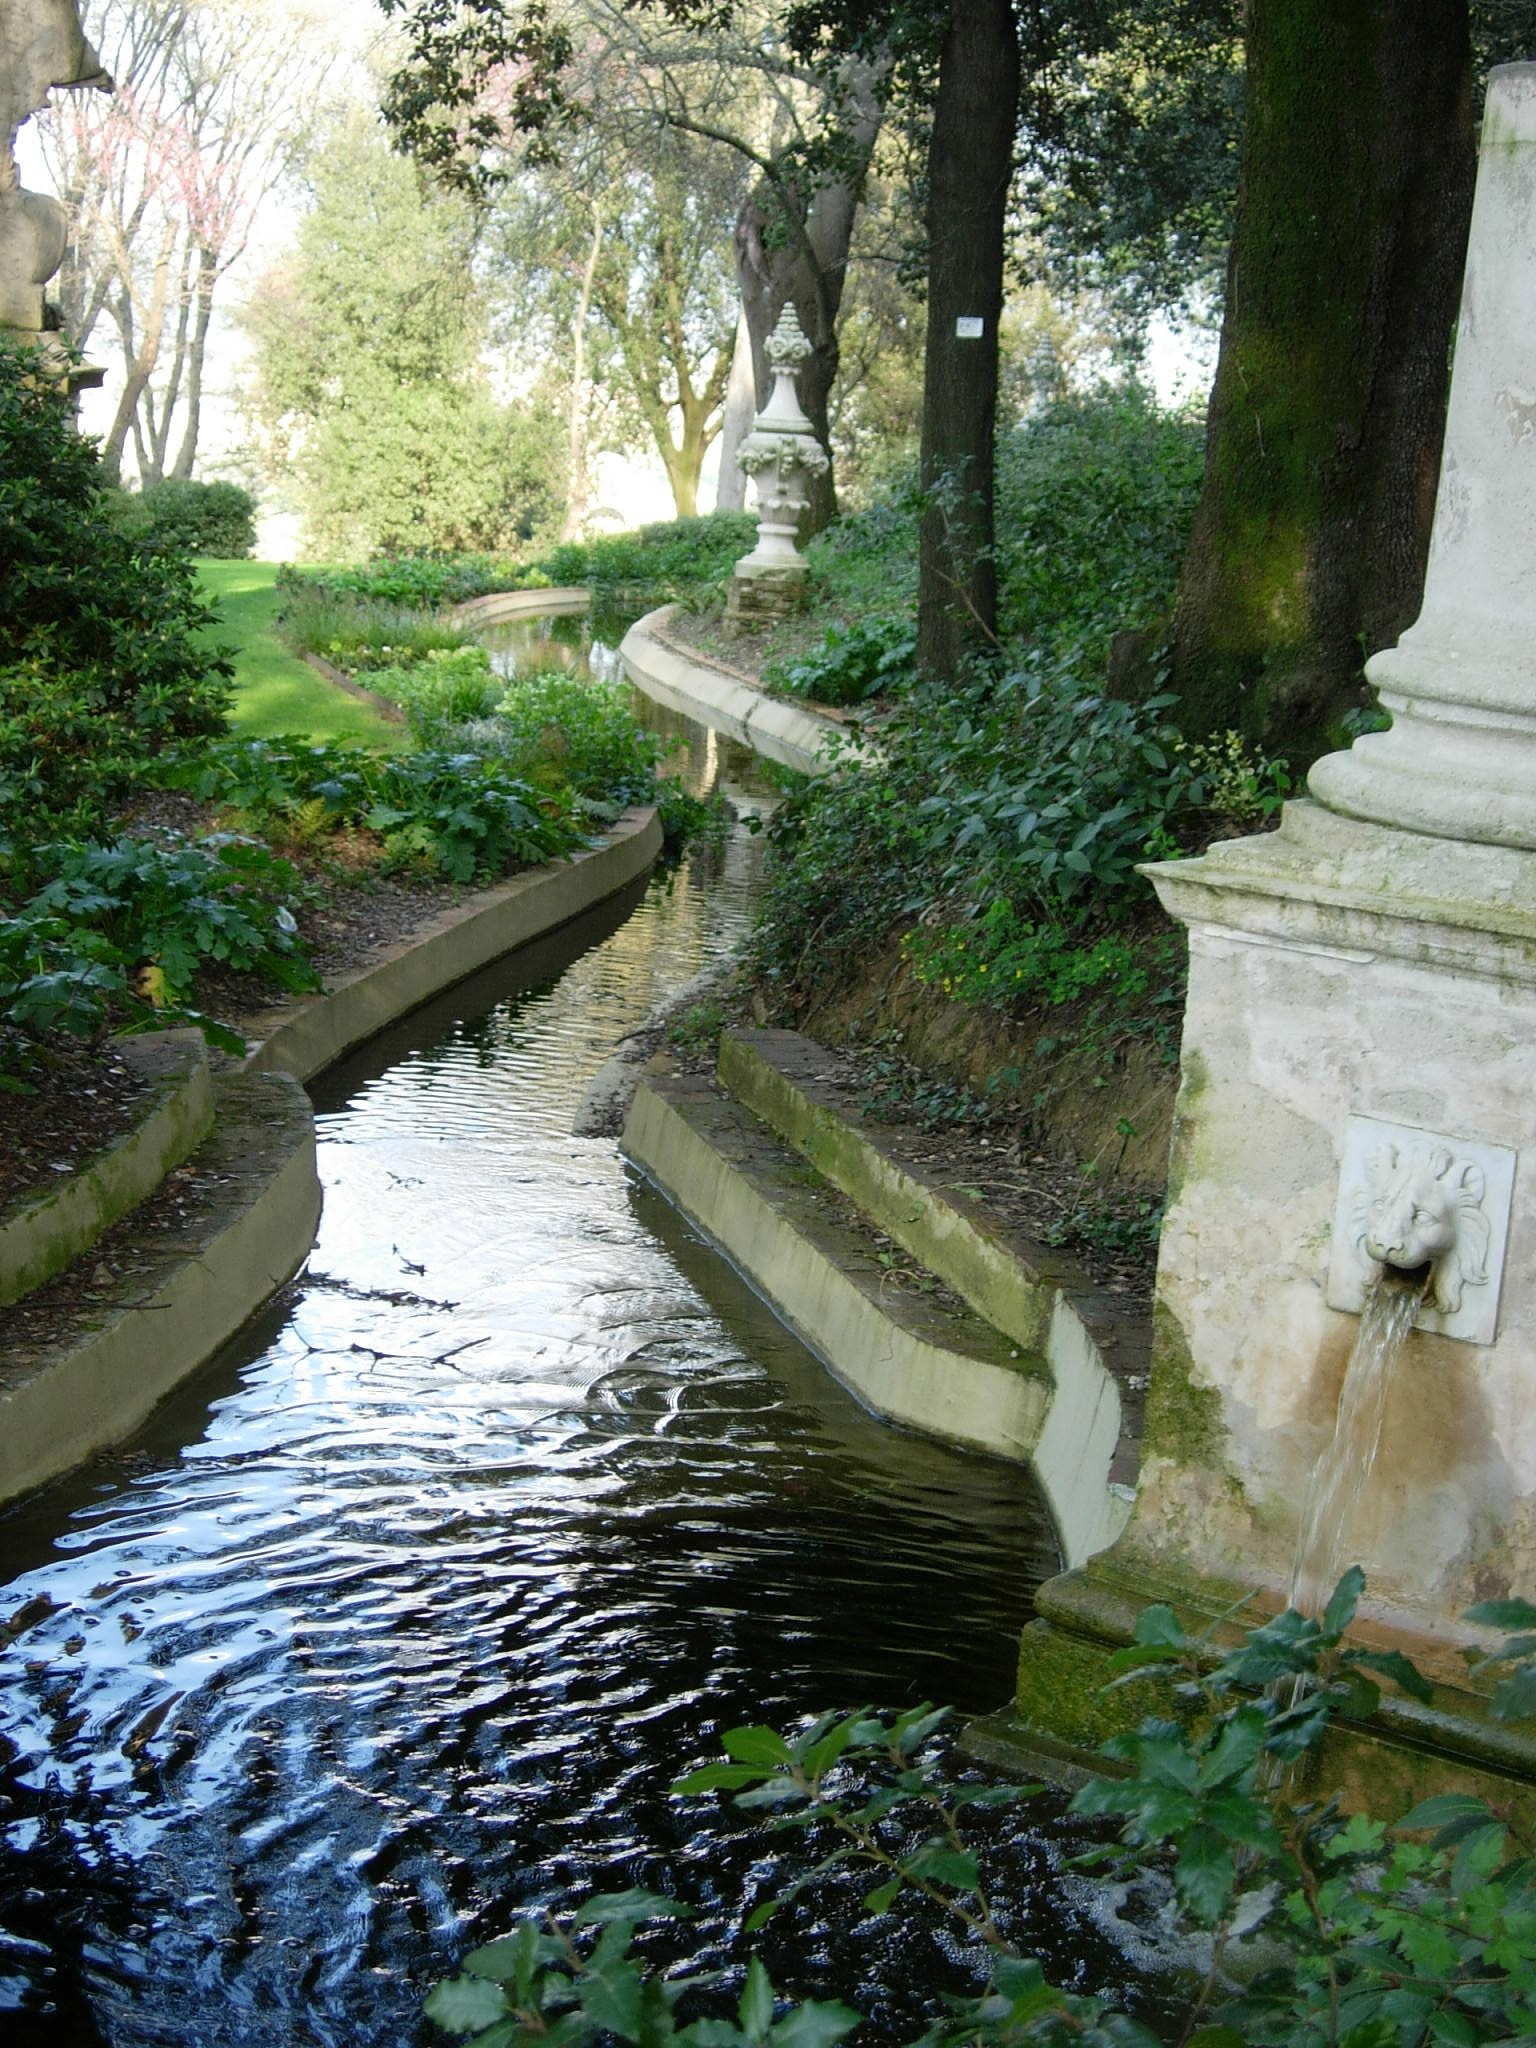 File:Fountain in Giardino Bardini.jpg - Wikimedia Commons